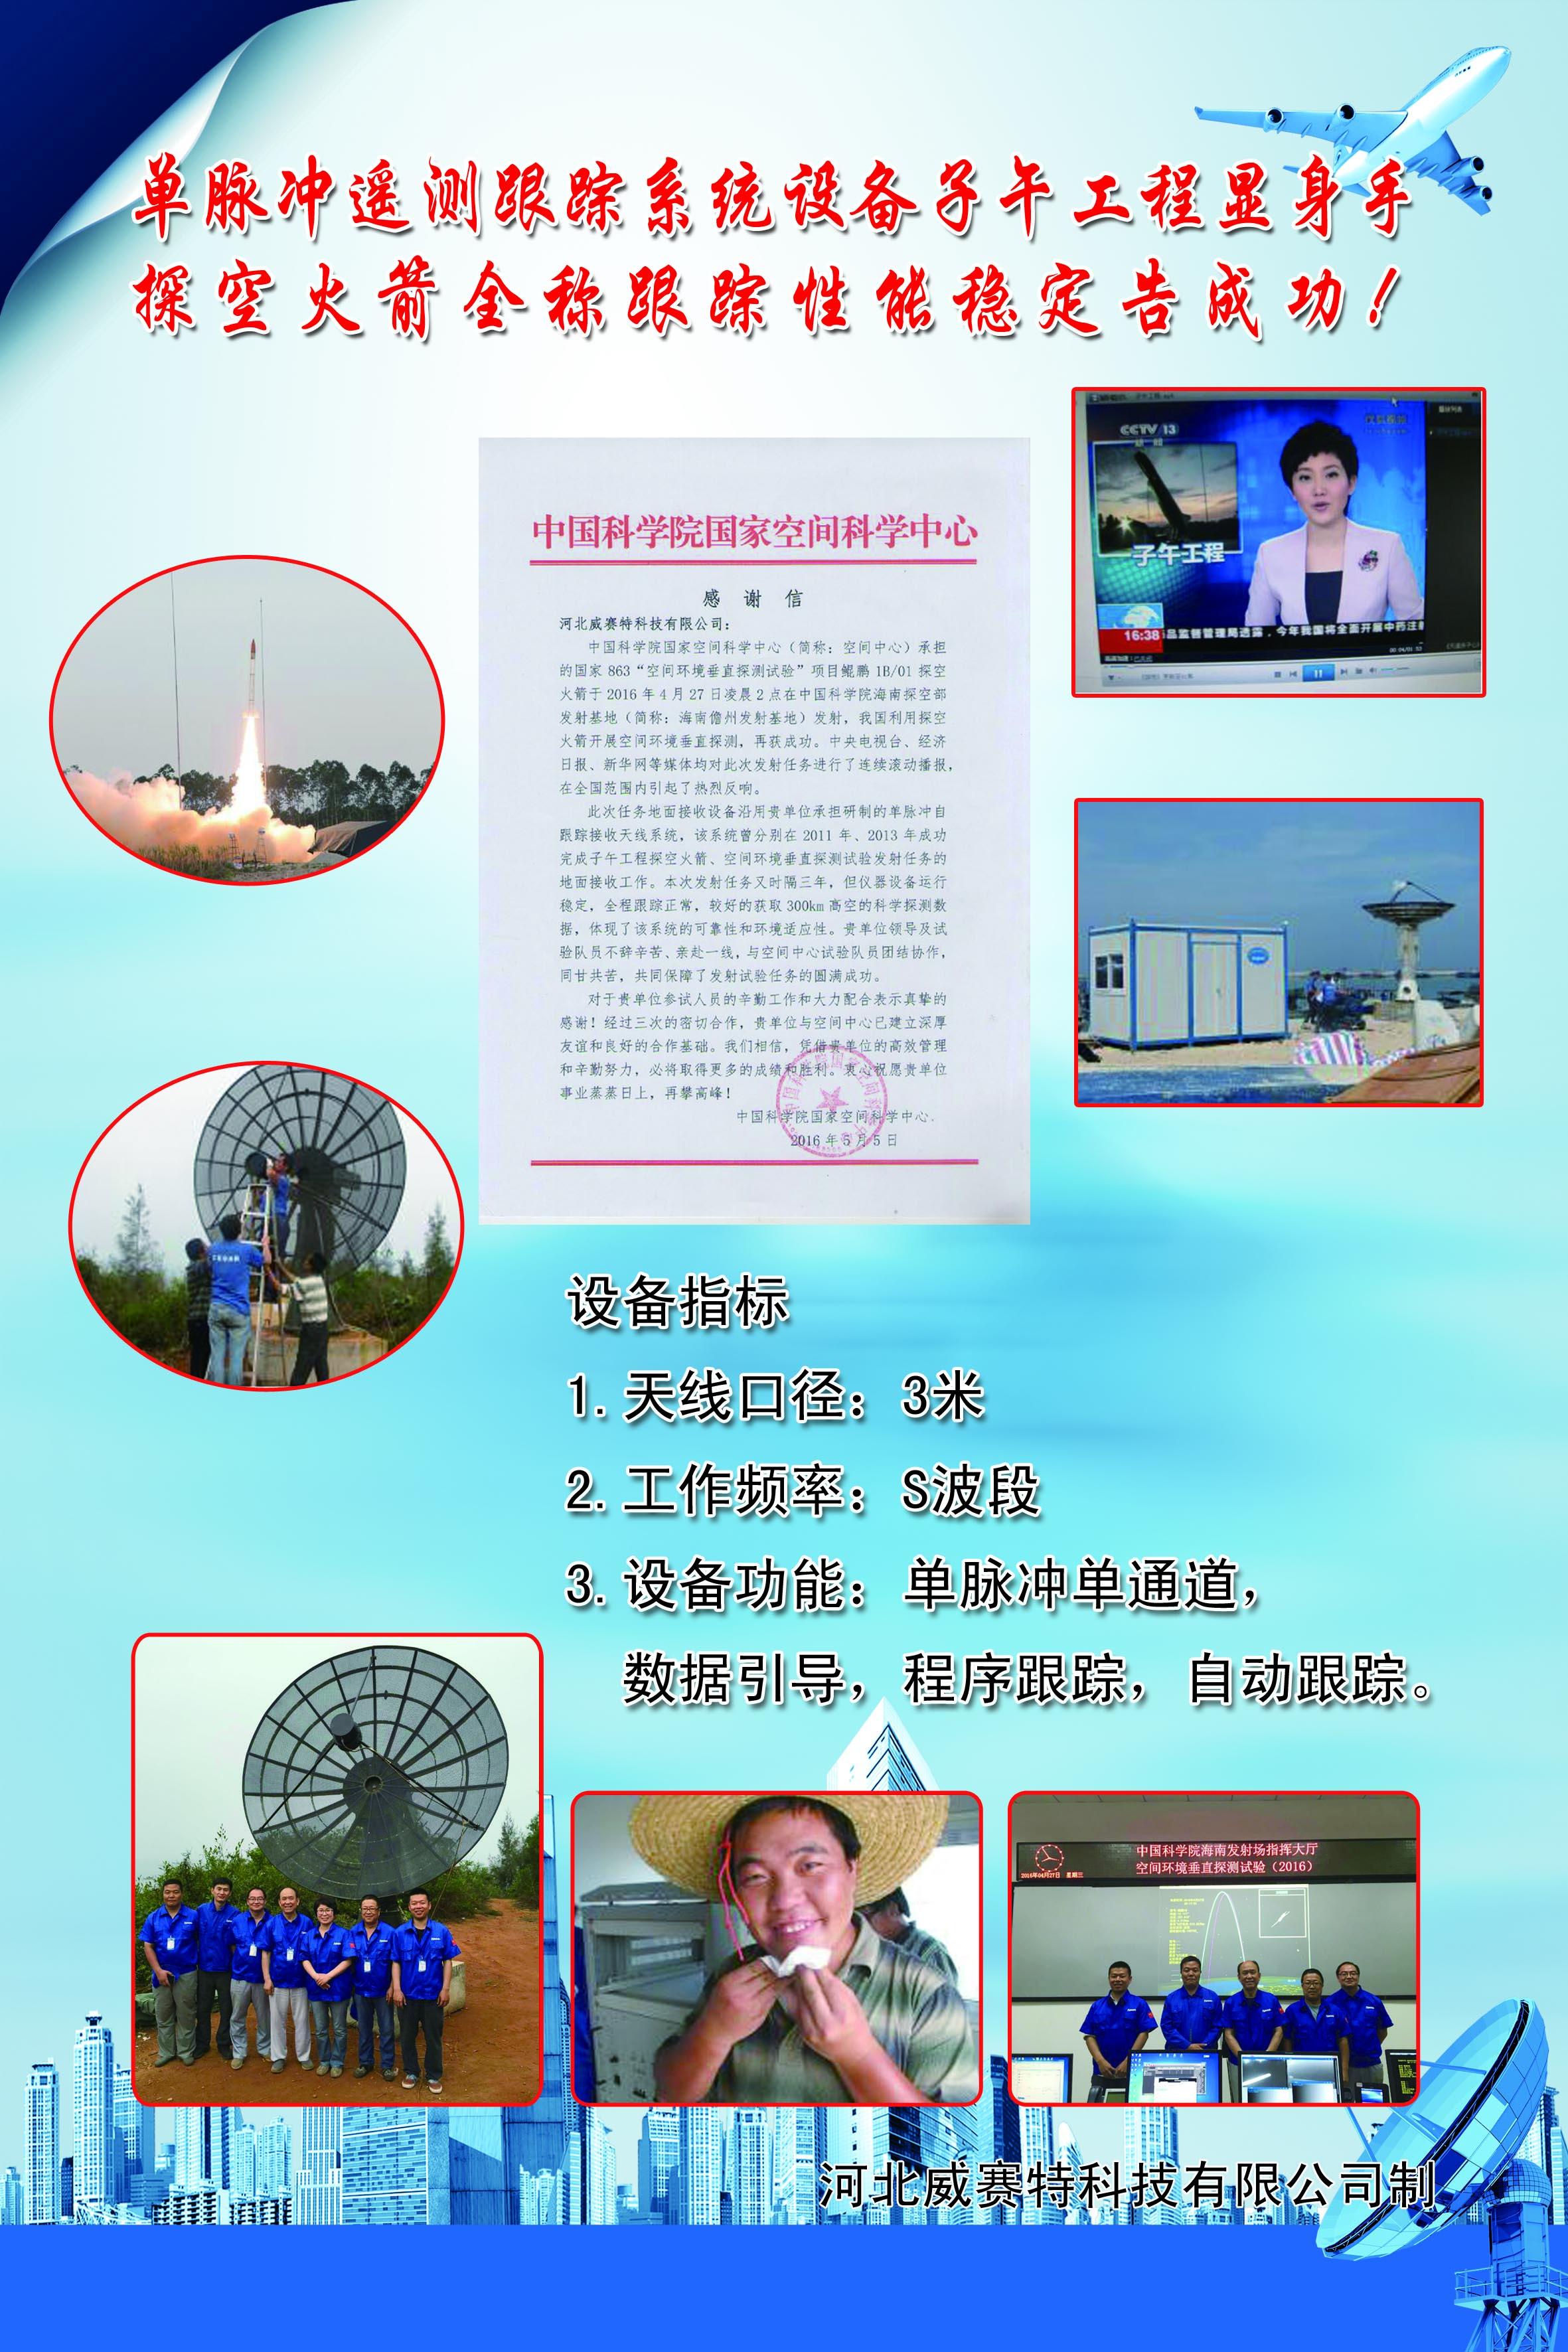 子午工程:探空火箭地面遥测跟踪设备